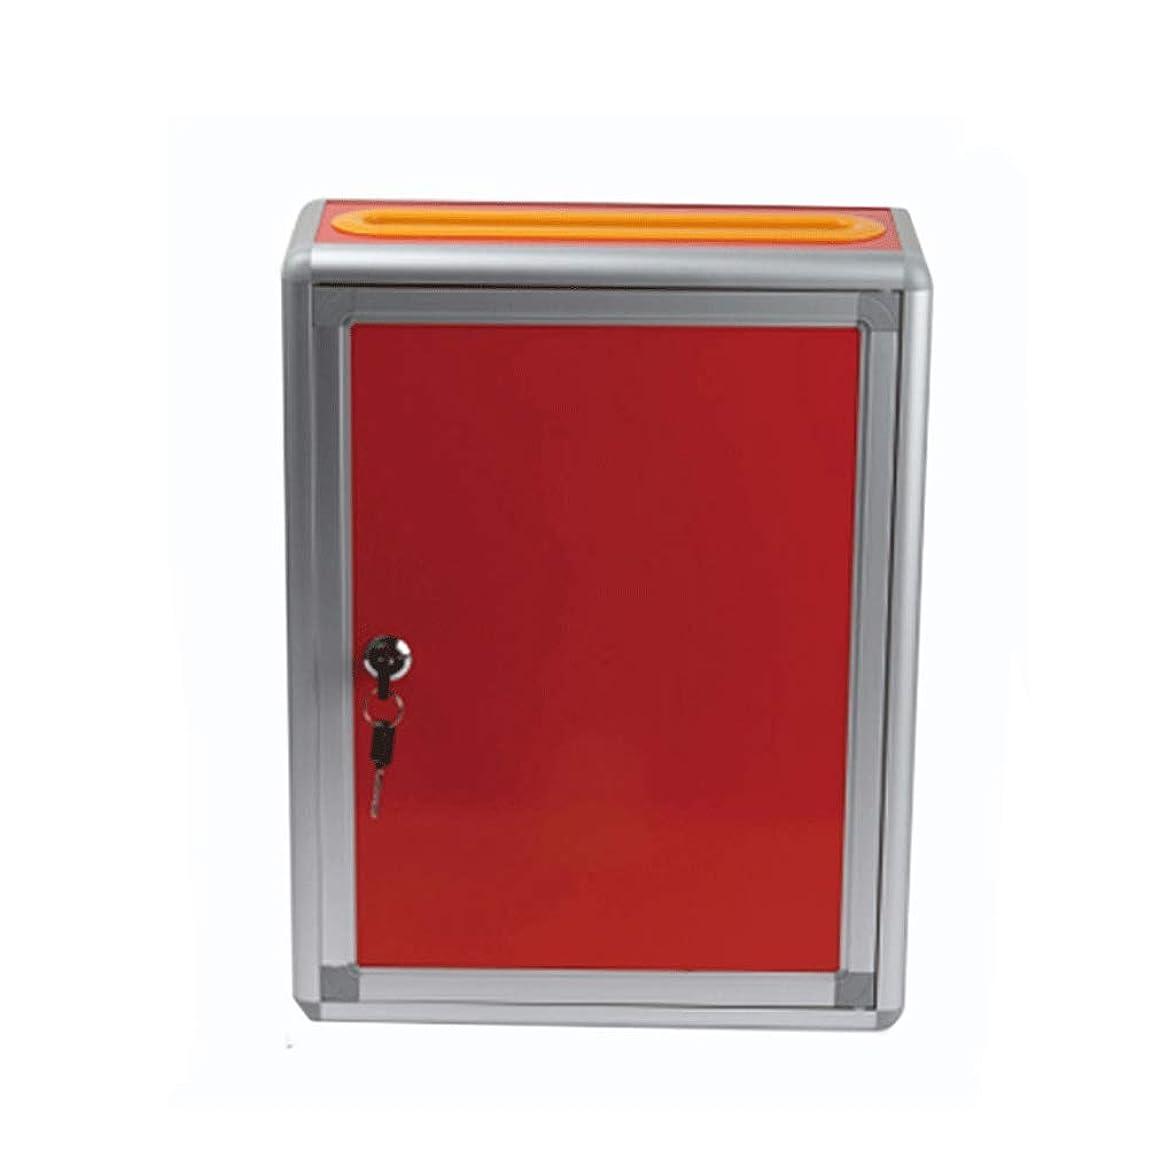 相互人気の配管工メールボックス多目的投票箱提案箱アクリルメールボックスホームメールボックス屋外壁メールボックス (色 : C)